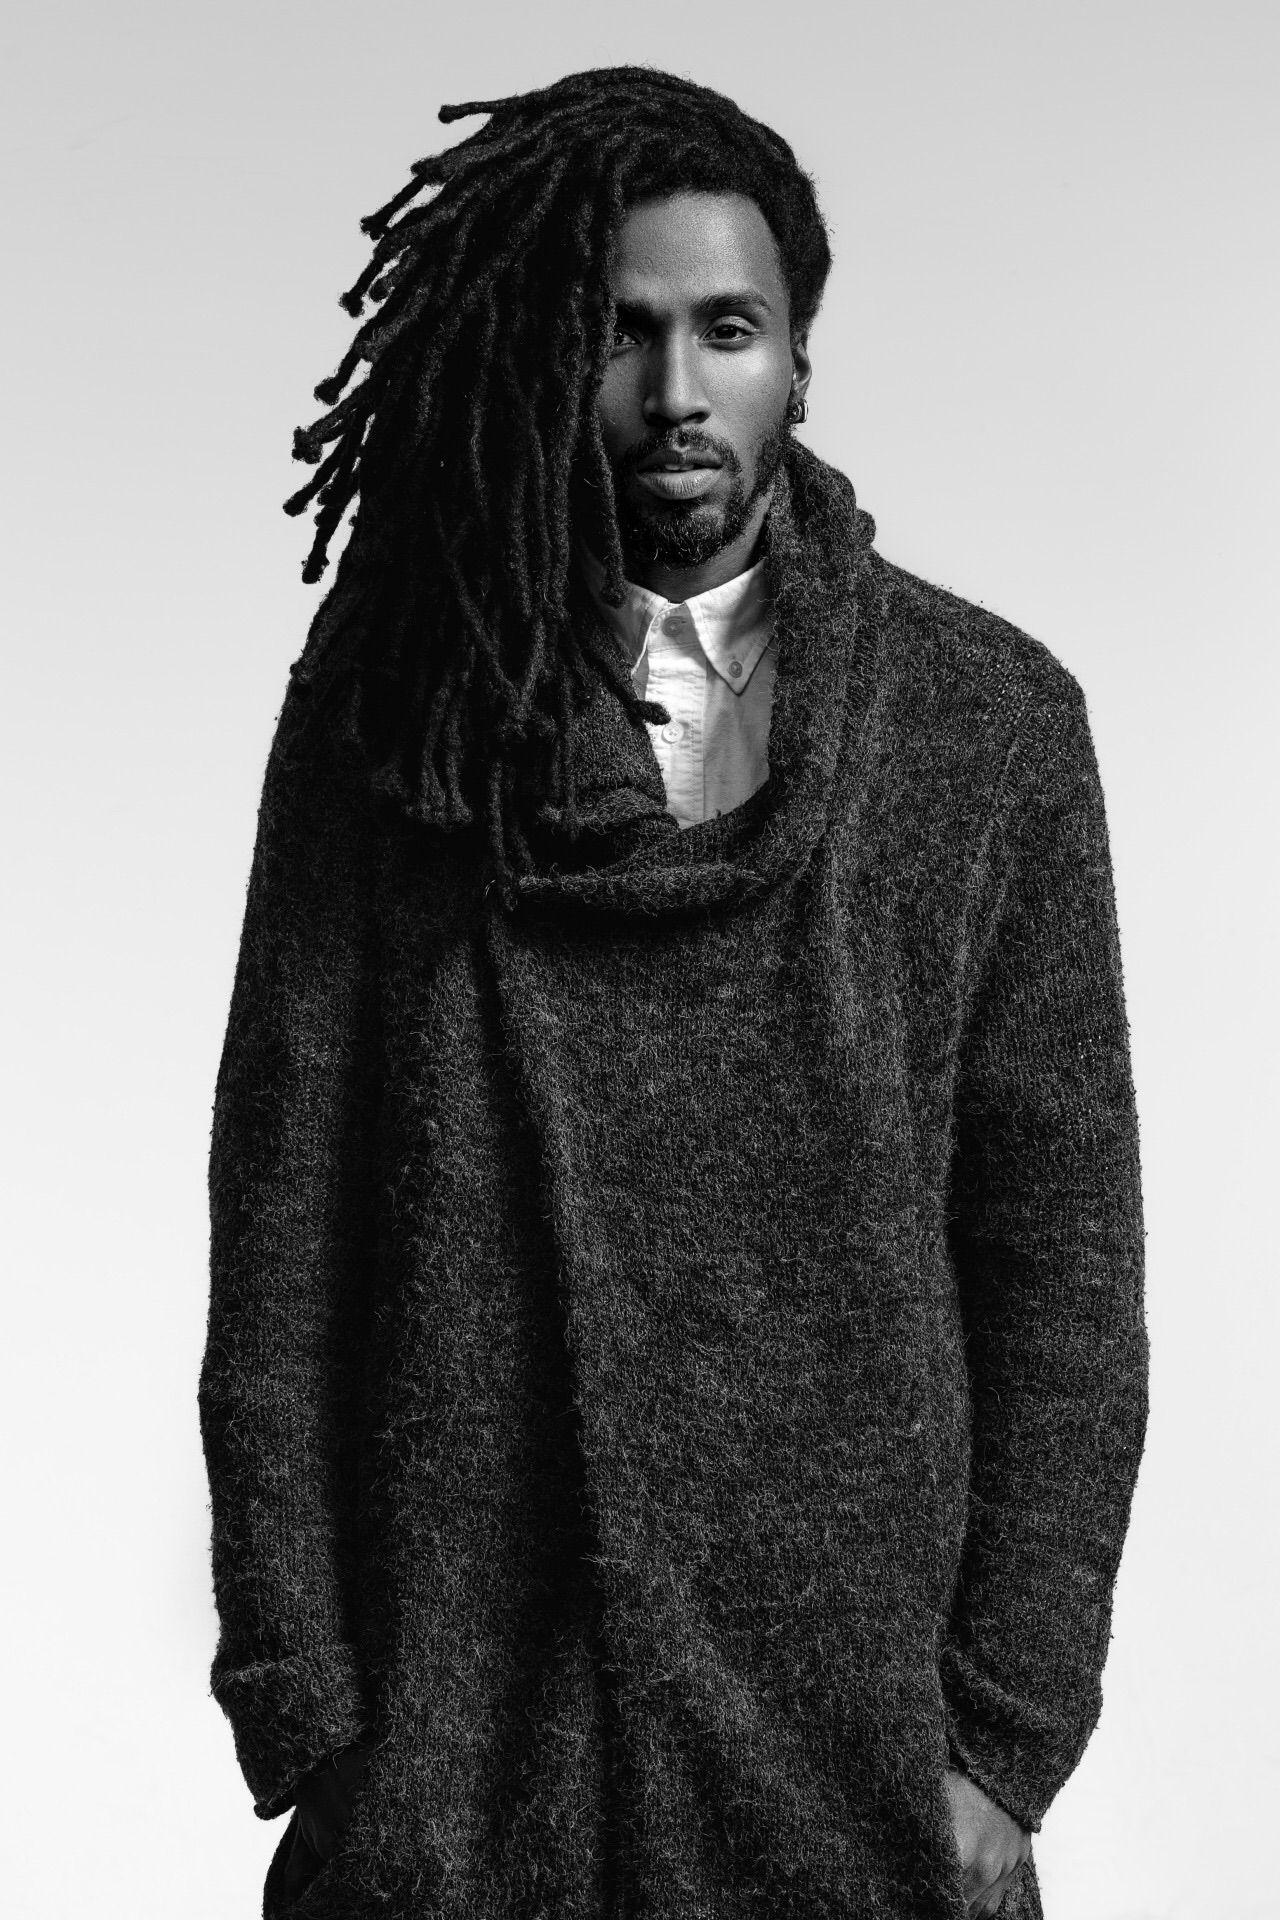 Pin by kwajhan goldsborough on black men natural hair pinterest